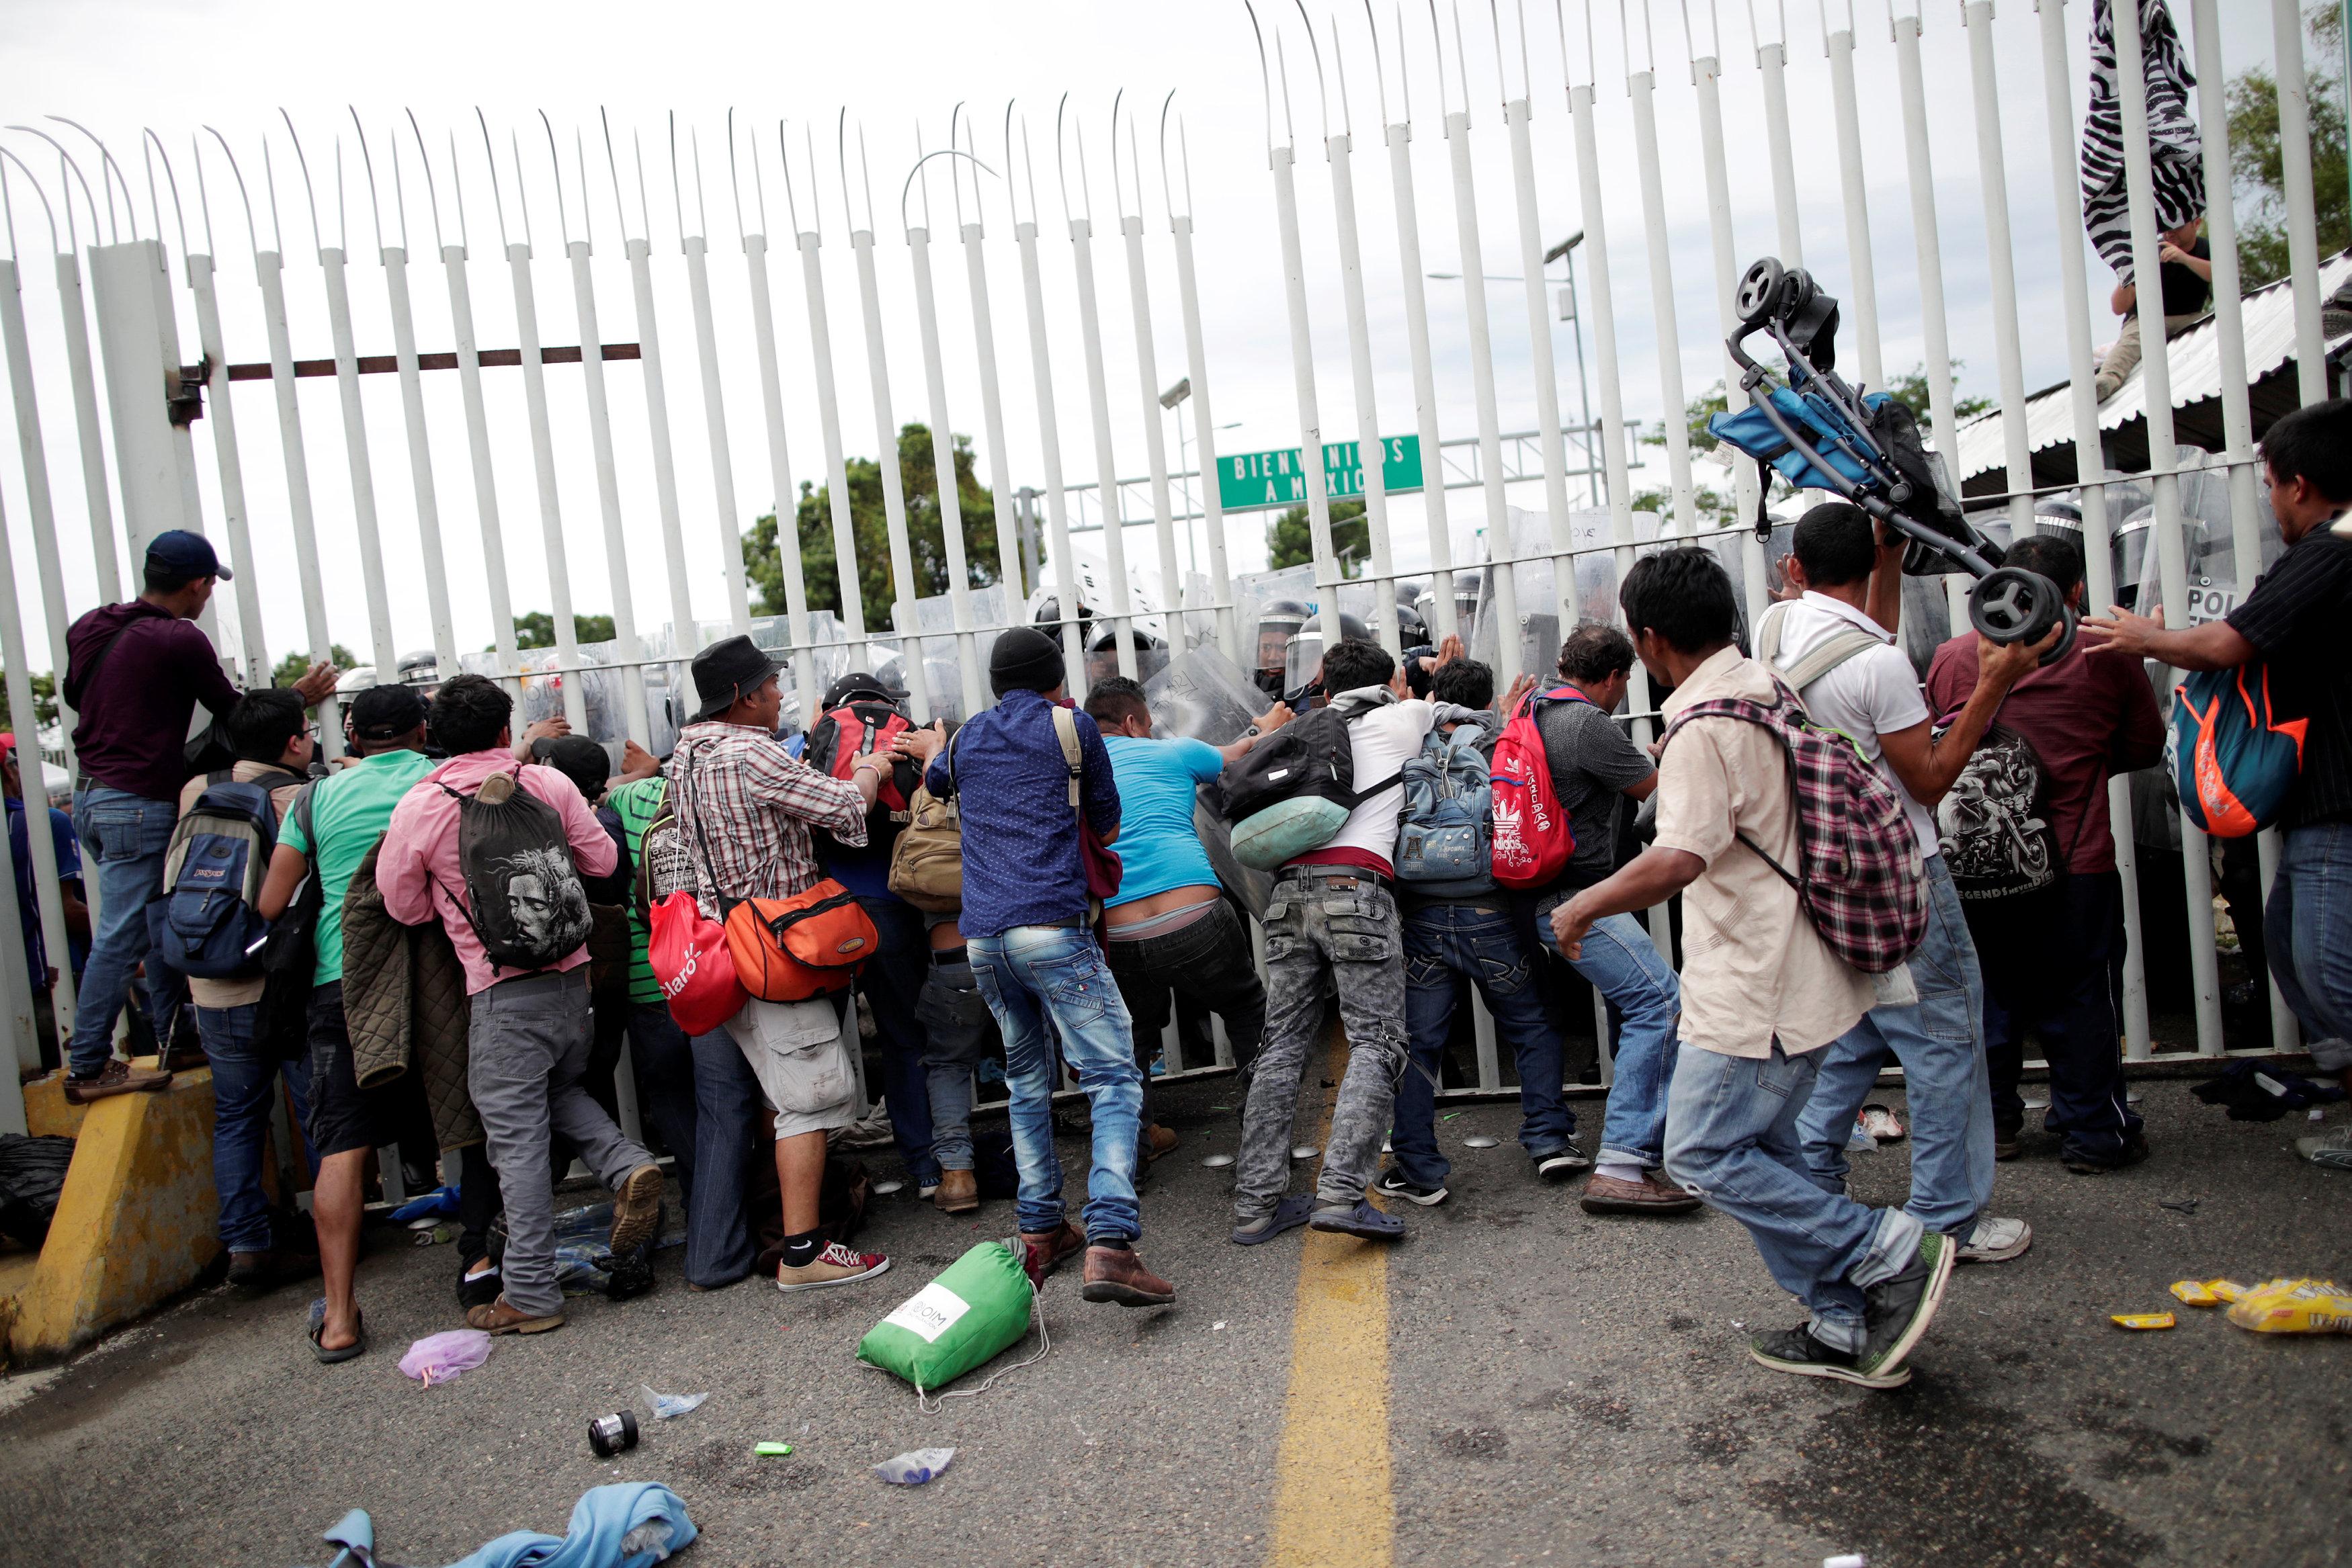 Migrantes empuja una reja en la frontera para pasar.